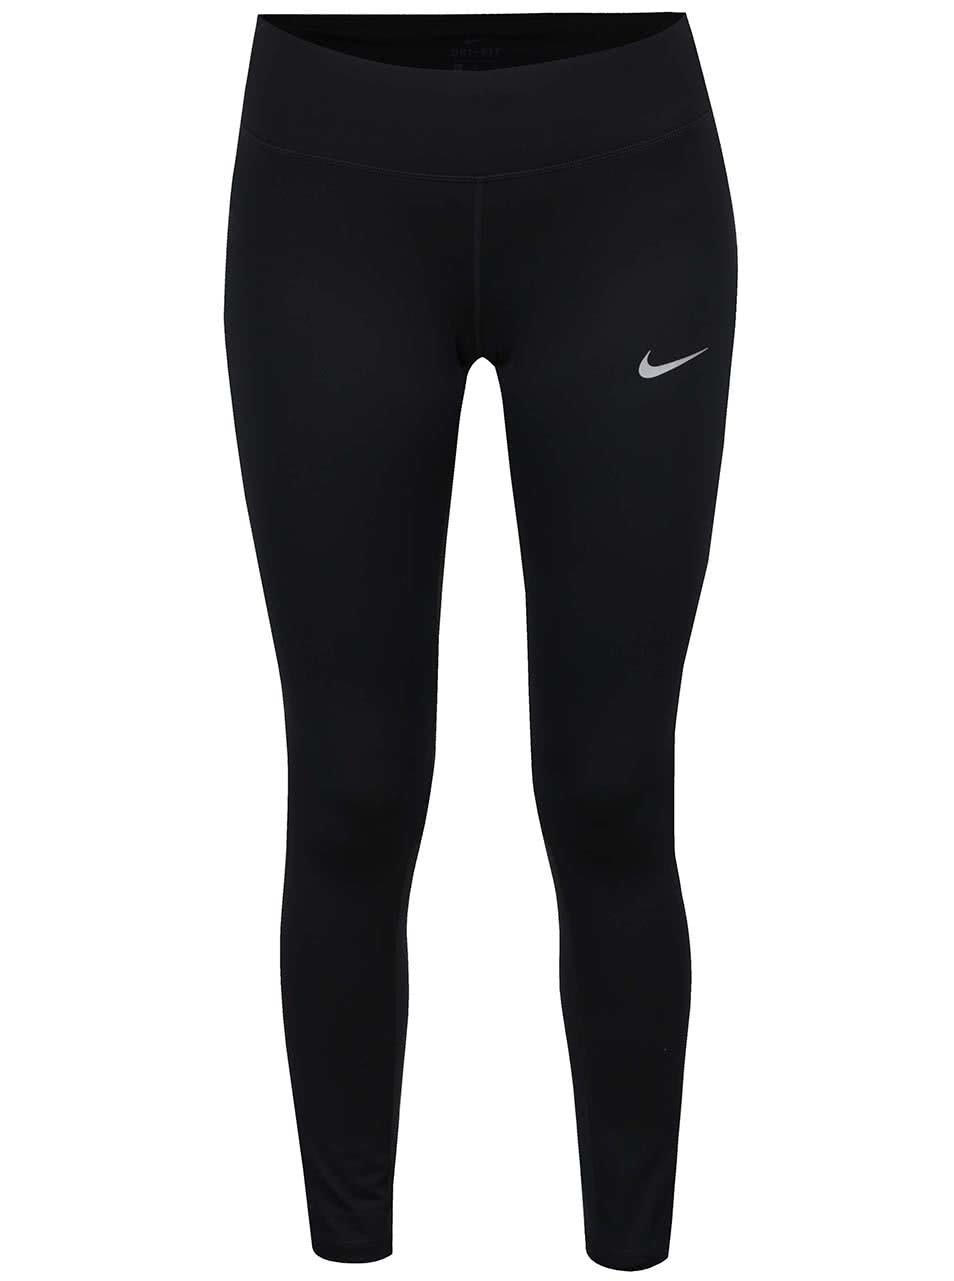 Černé dámské funkční legíny Nike Power Epic